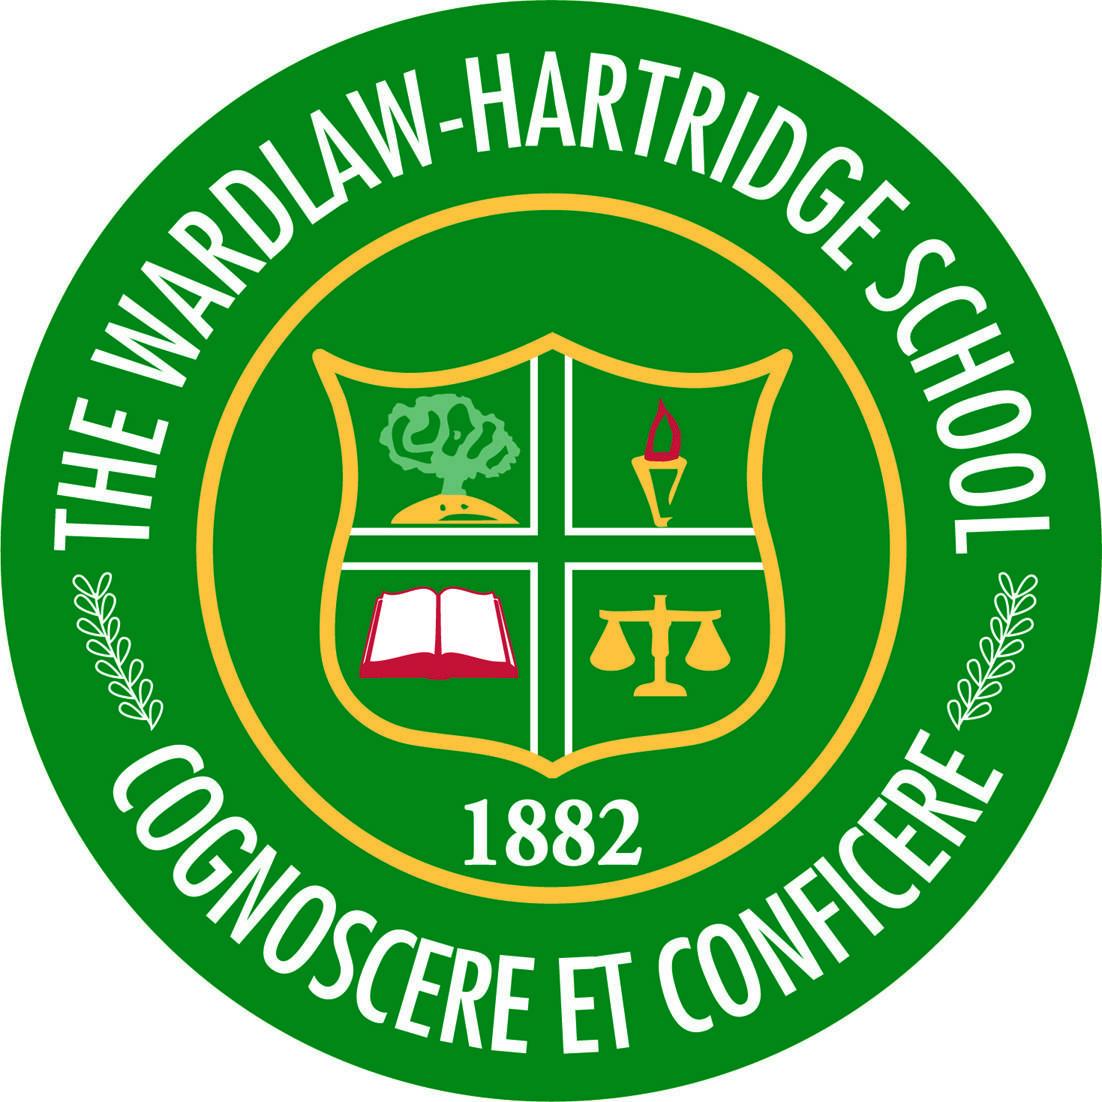 b43a82df6ef9991e0b8d_Wardlaw_Hartridge_logo.jpg